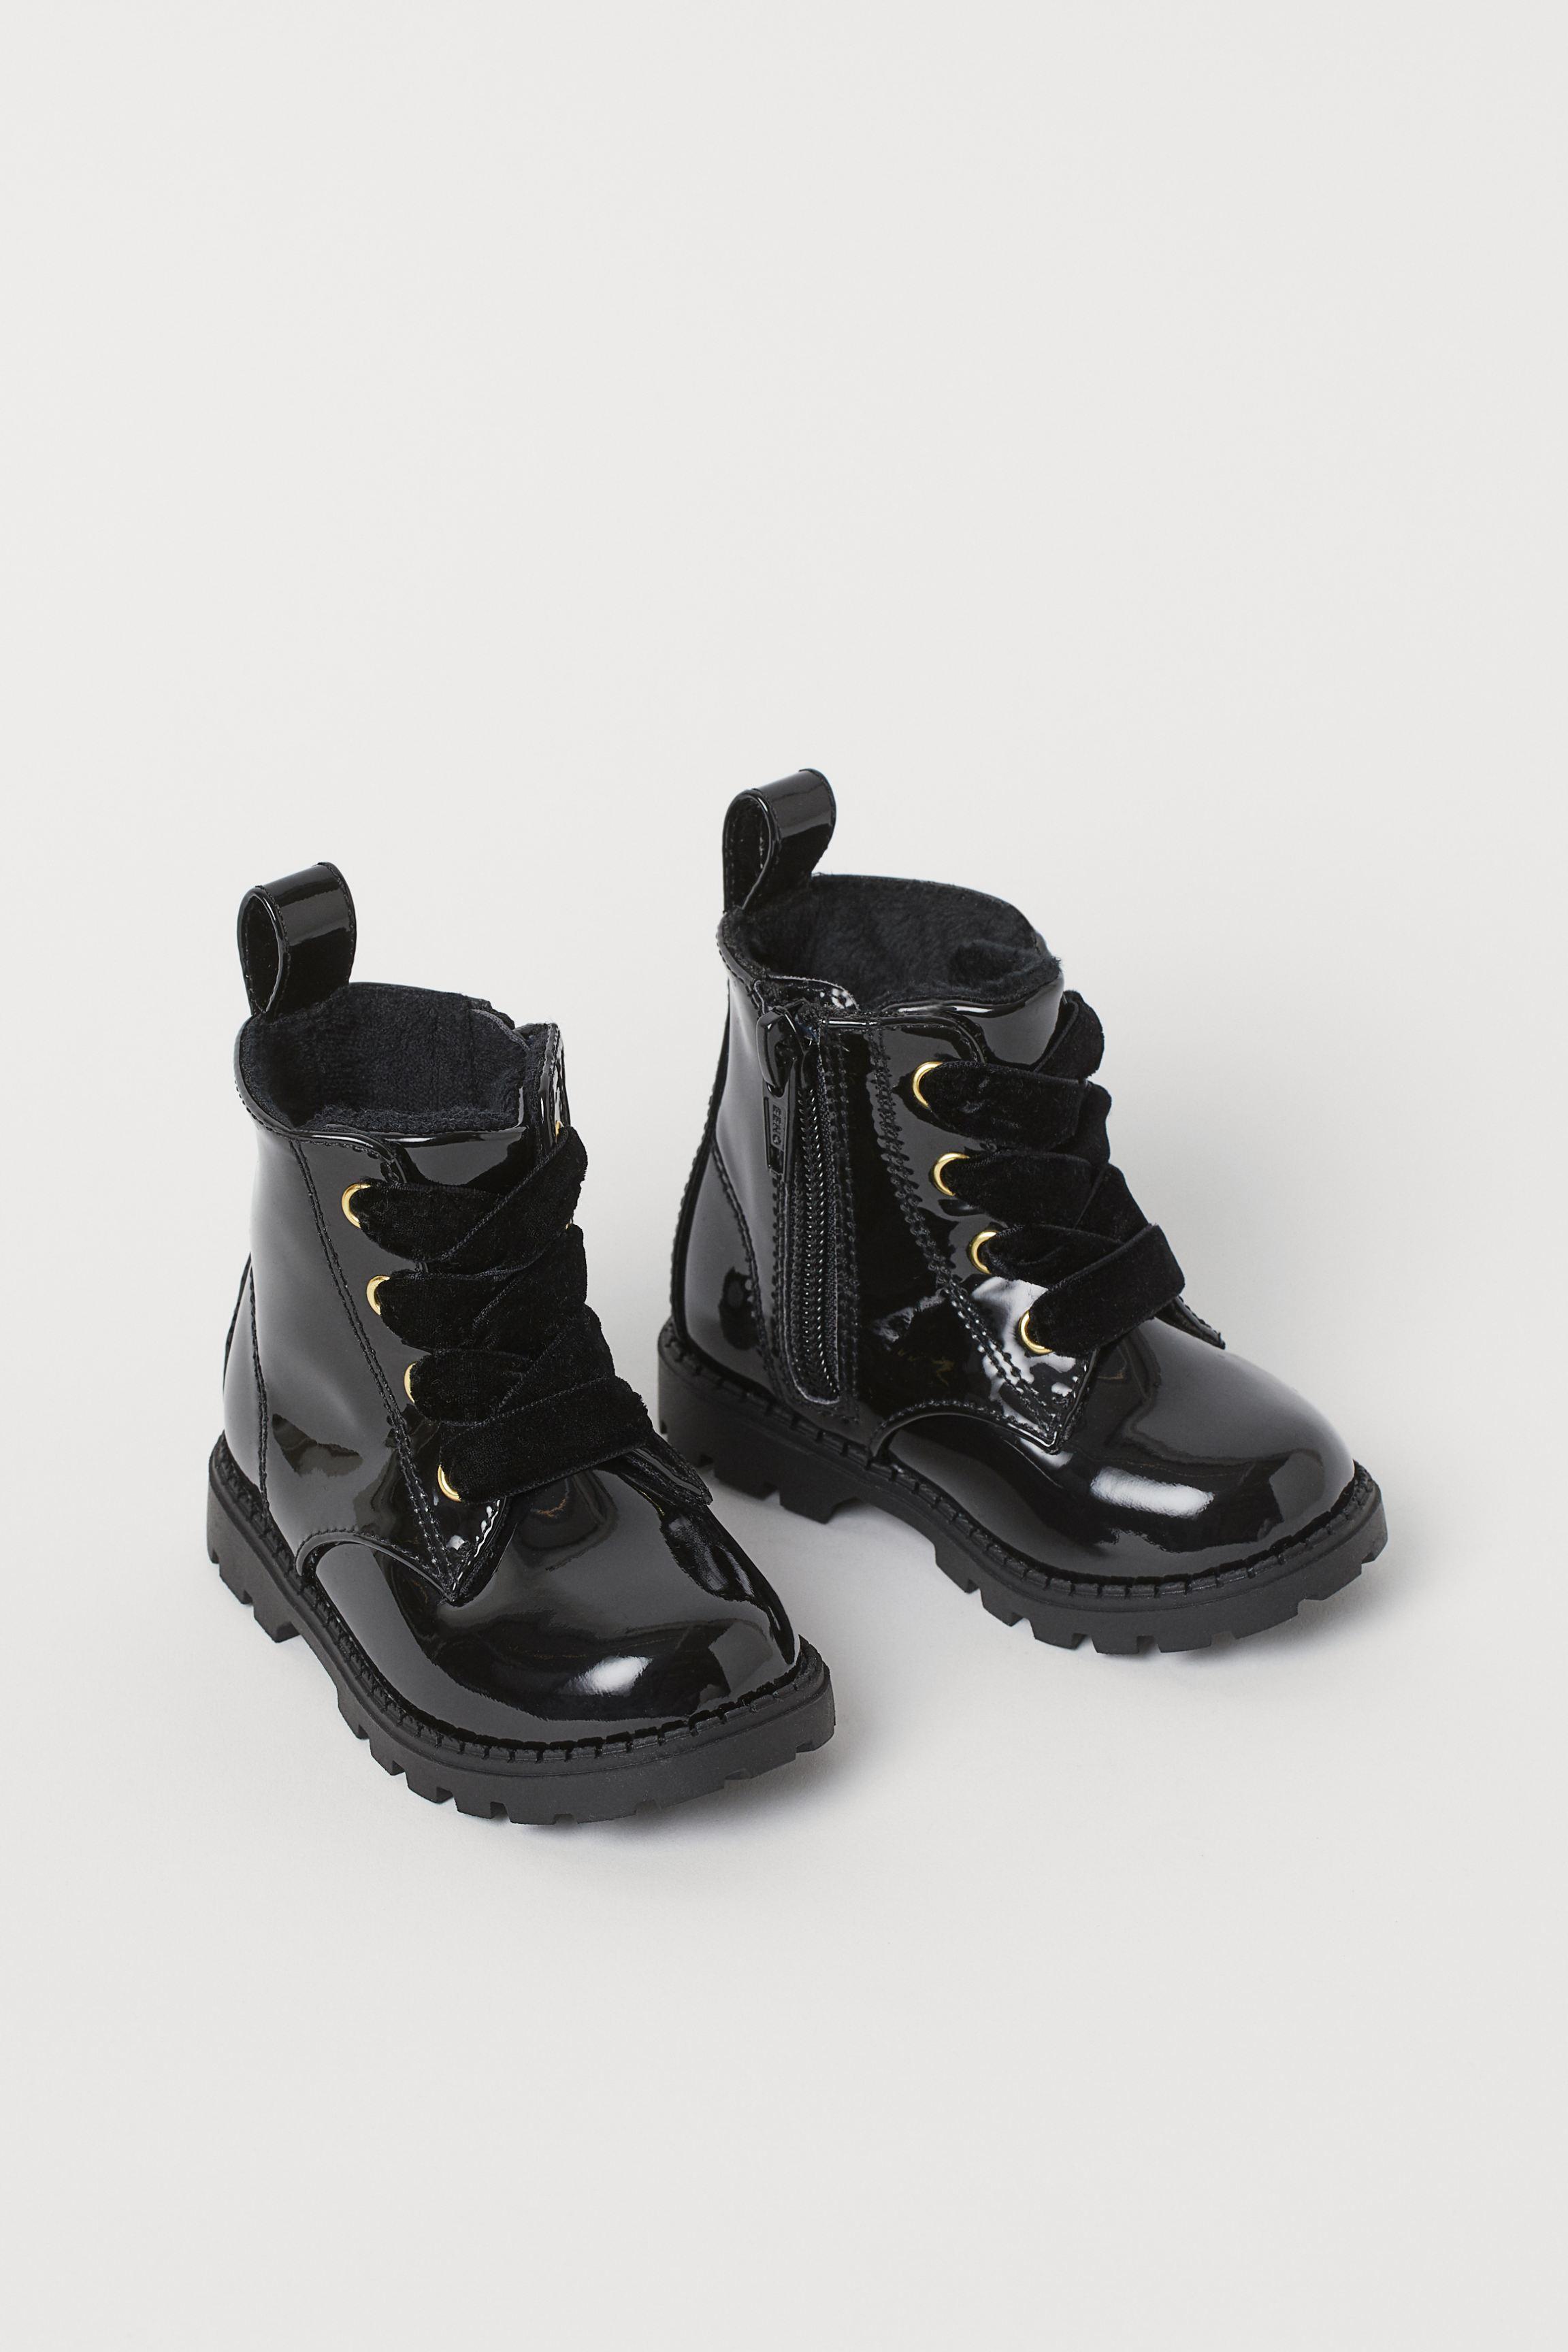 pe focuri de picioare arata bine vanzare pantofi 100% de înaltă calitate berber Sarımsı baskın ghete imblanite copii hm - travelsinmind.com